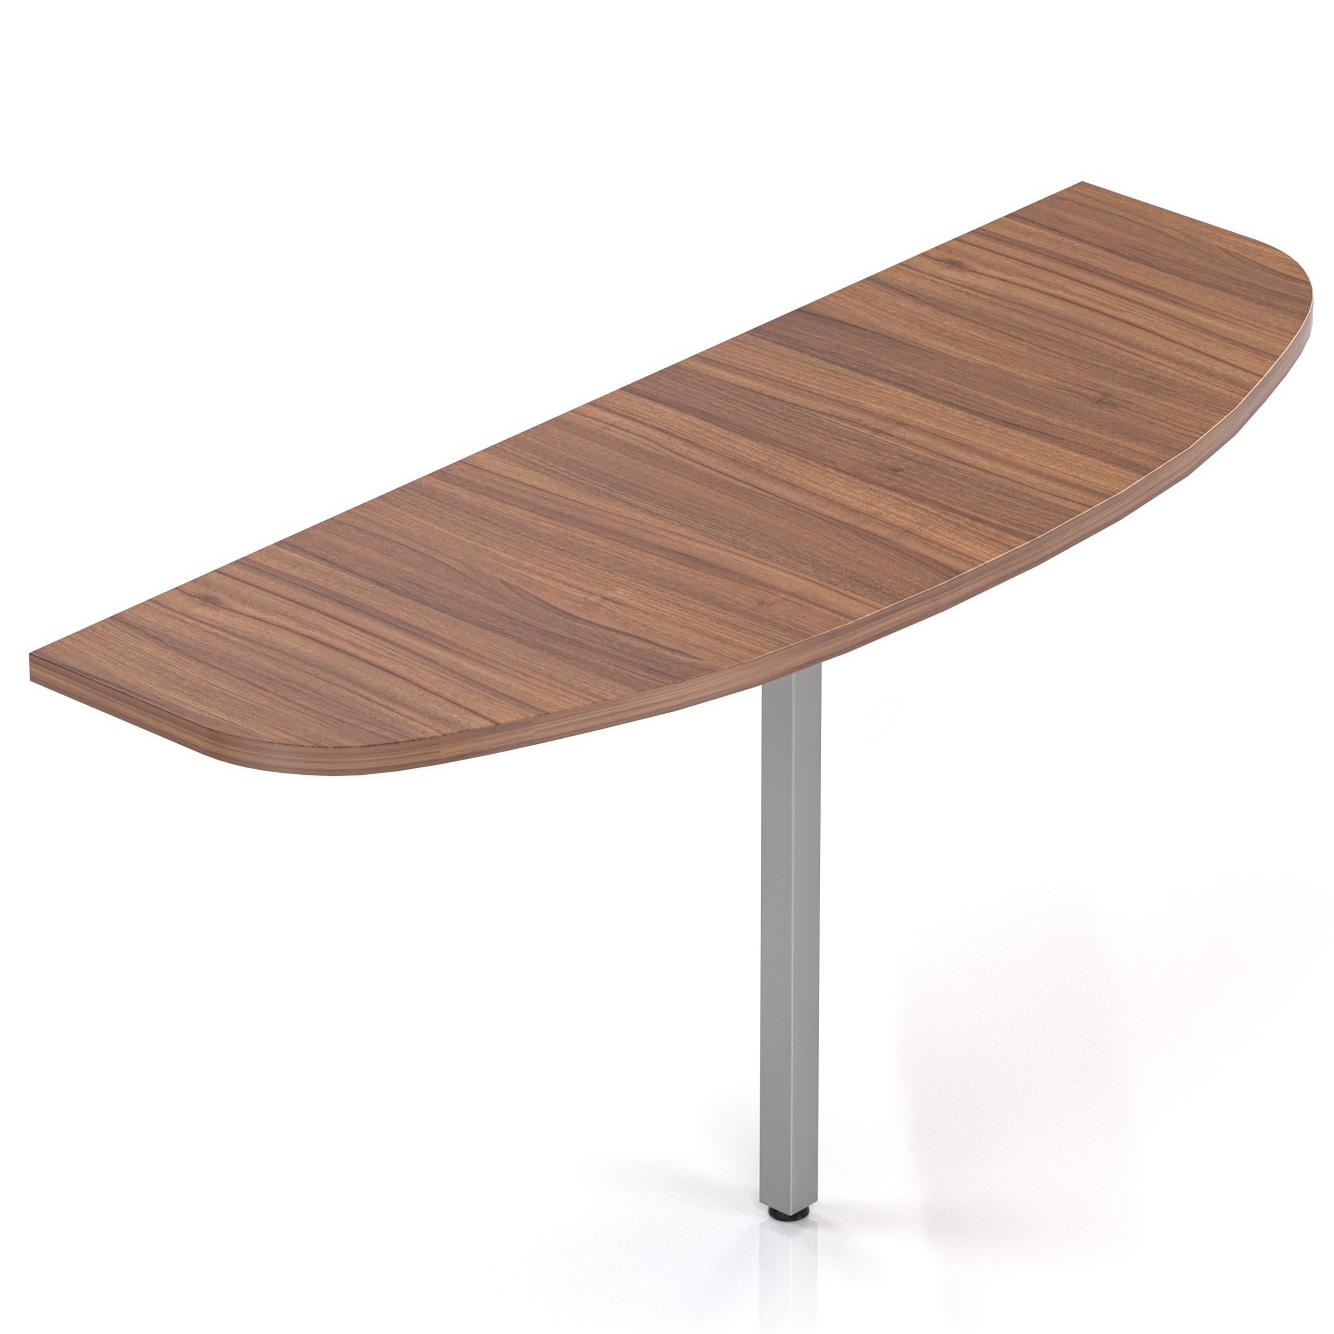 Přístavný stůl Komfort 141,8x50 cm - PR718 19